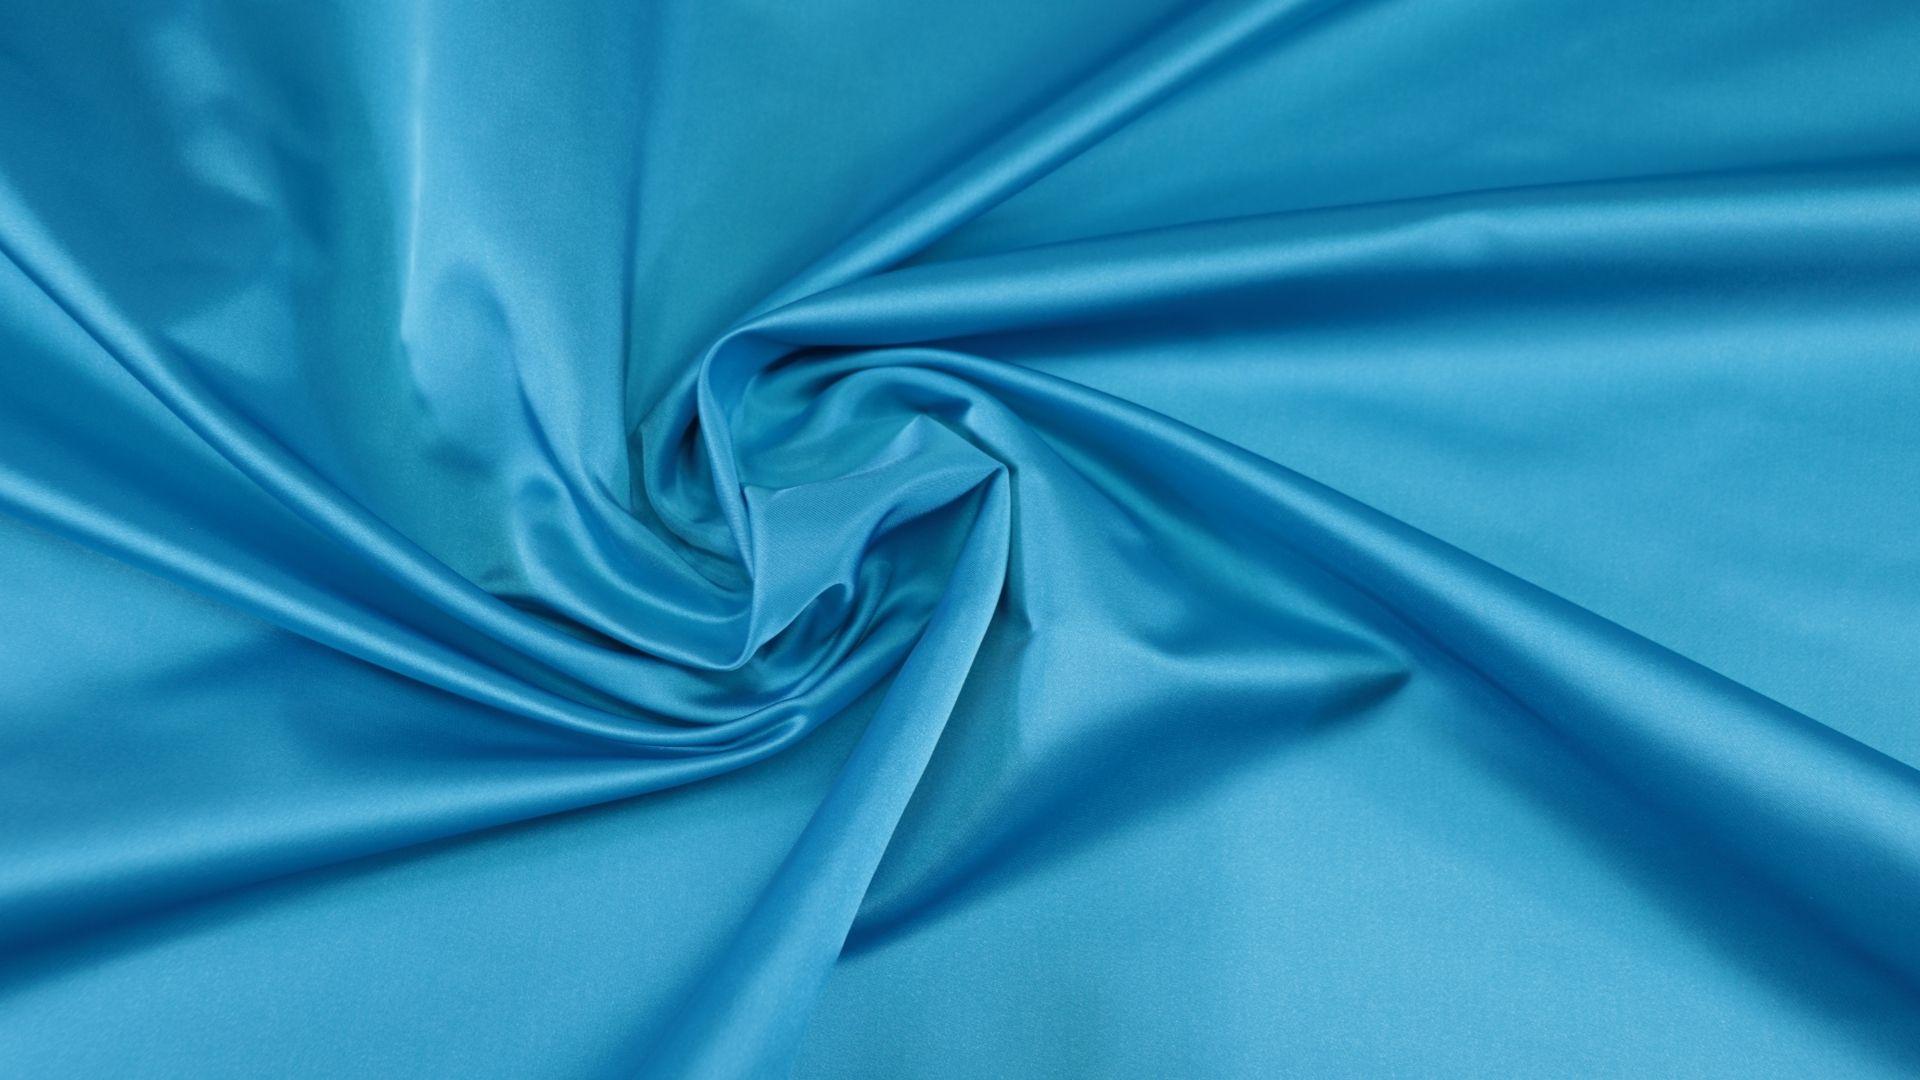 il particolare del tessuto anzio, appartenente alla categoria uniti serici, di Leadford & Logan